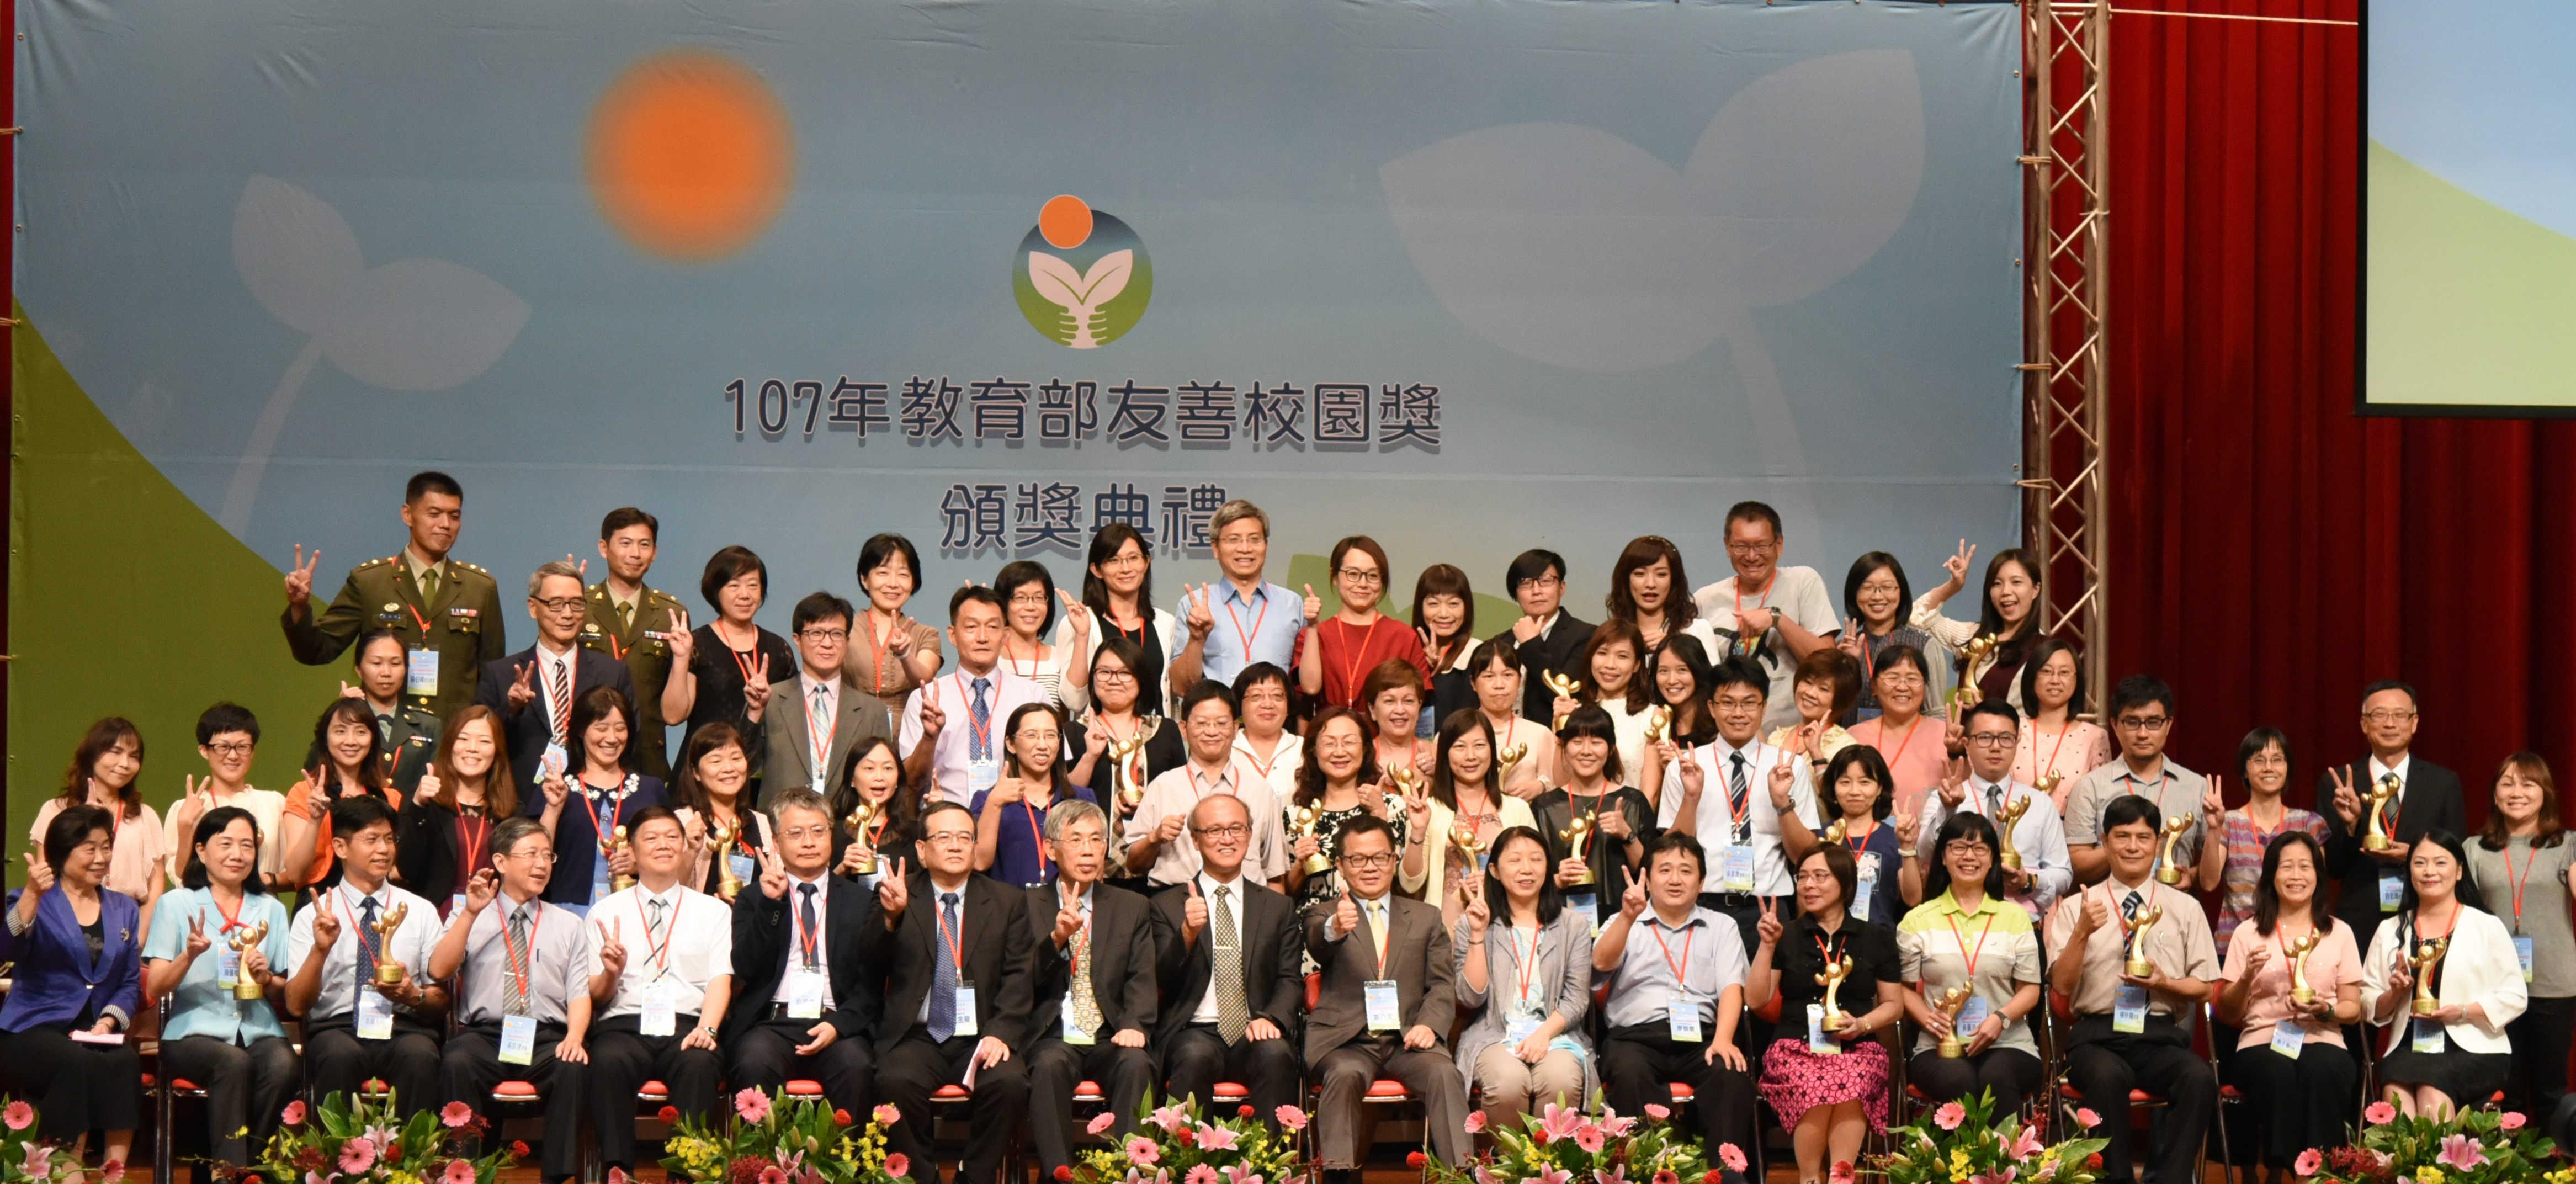 107年教育部度友善校園獎頒獎典禮